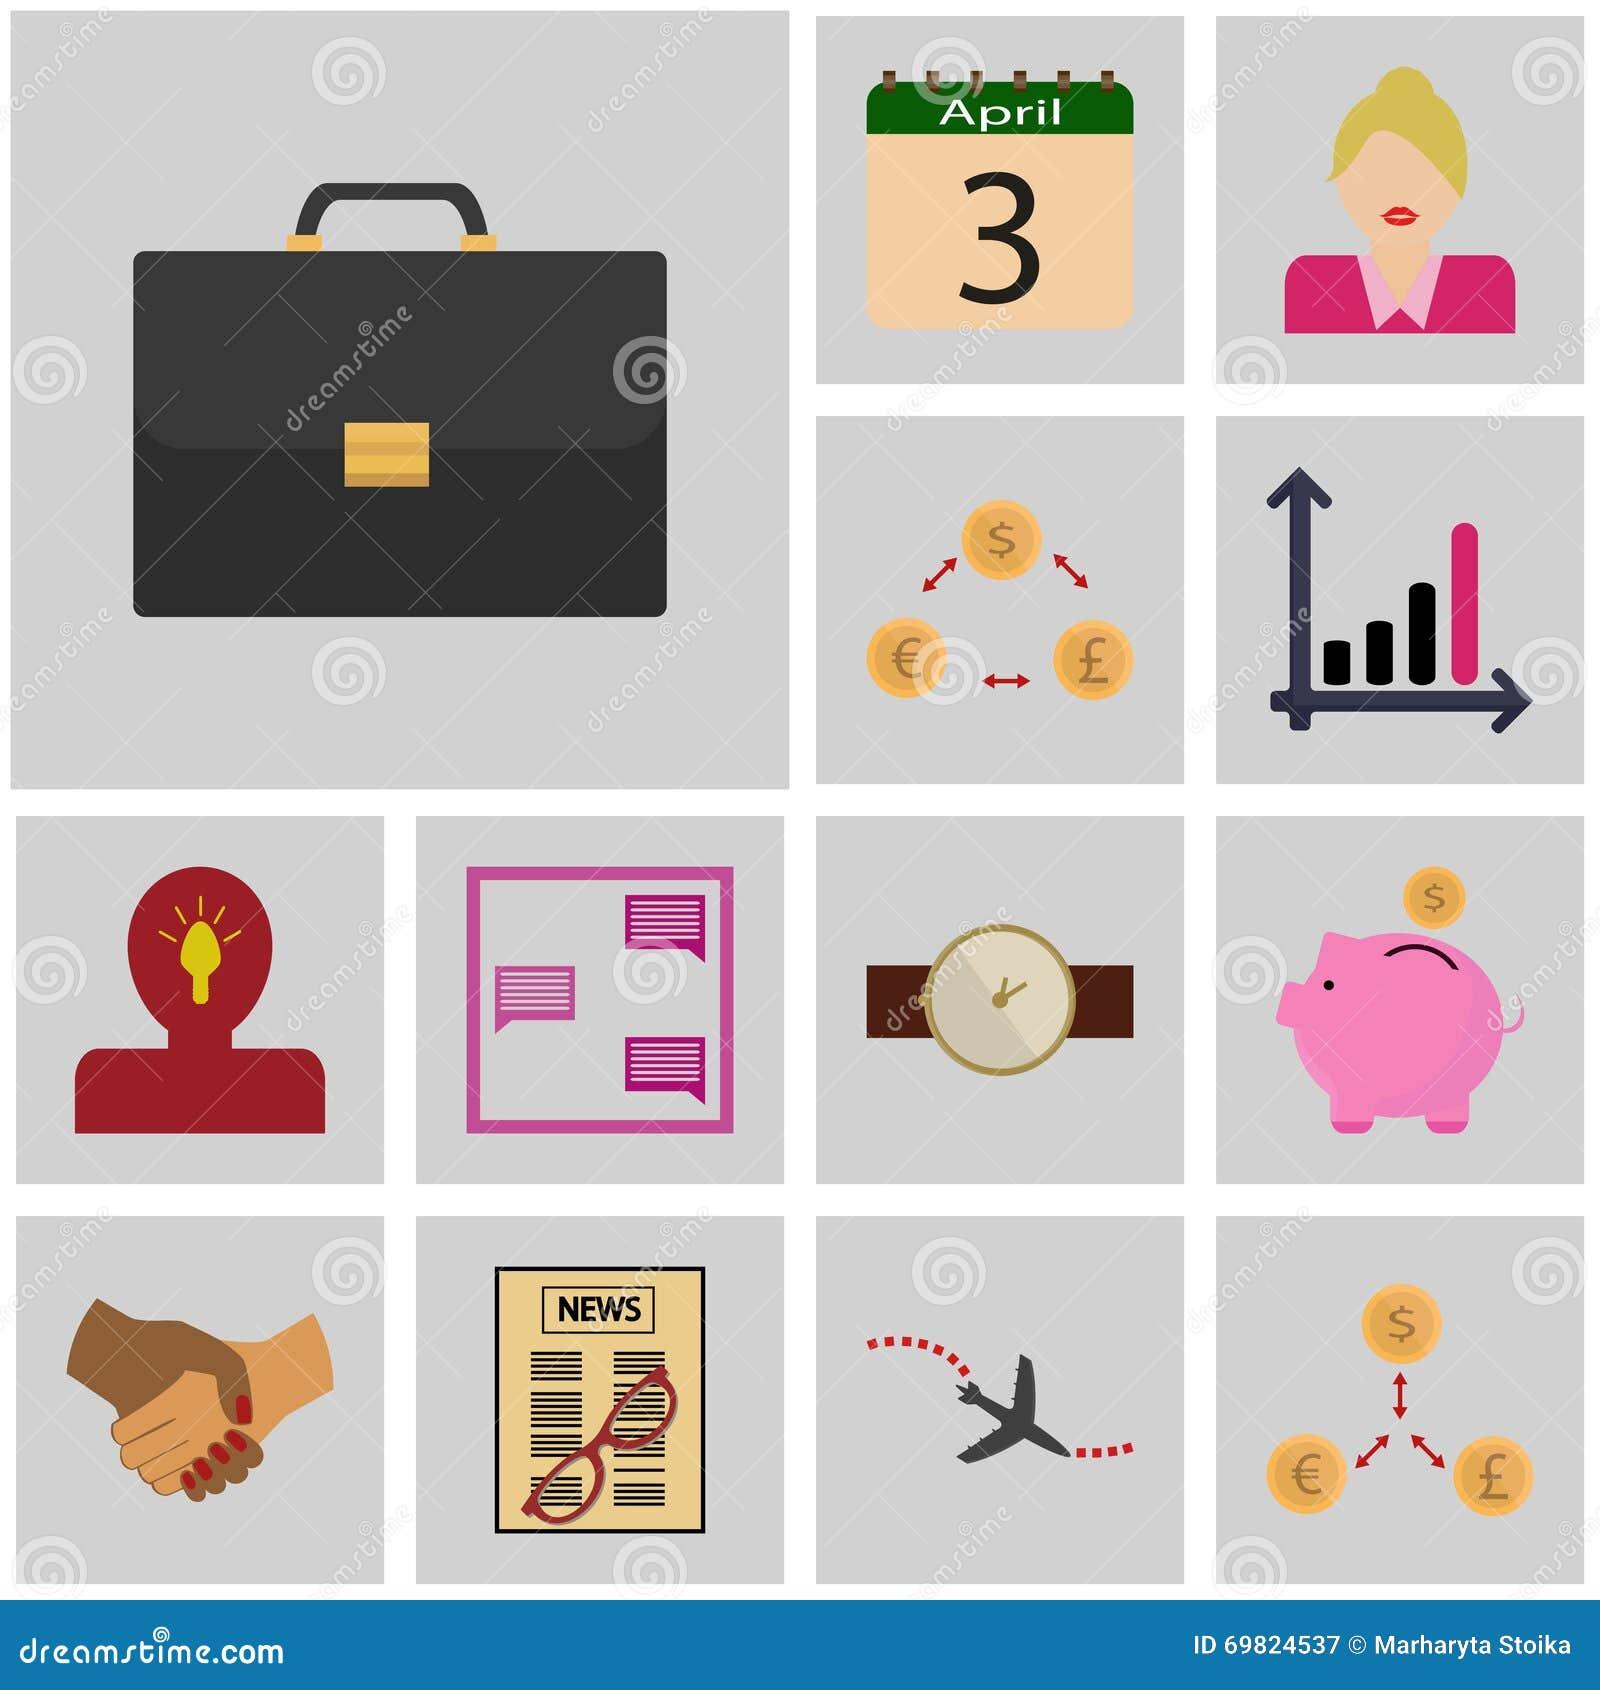 Gris de los iconos, cuadrado/caso determinado del icono de los ingresos del icono, maleta,